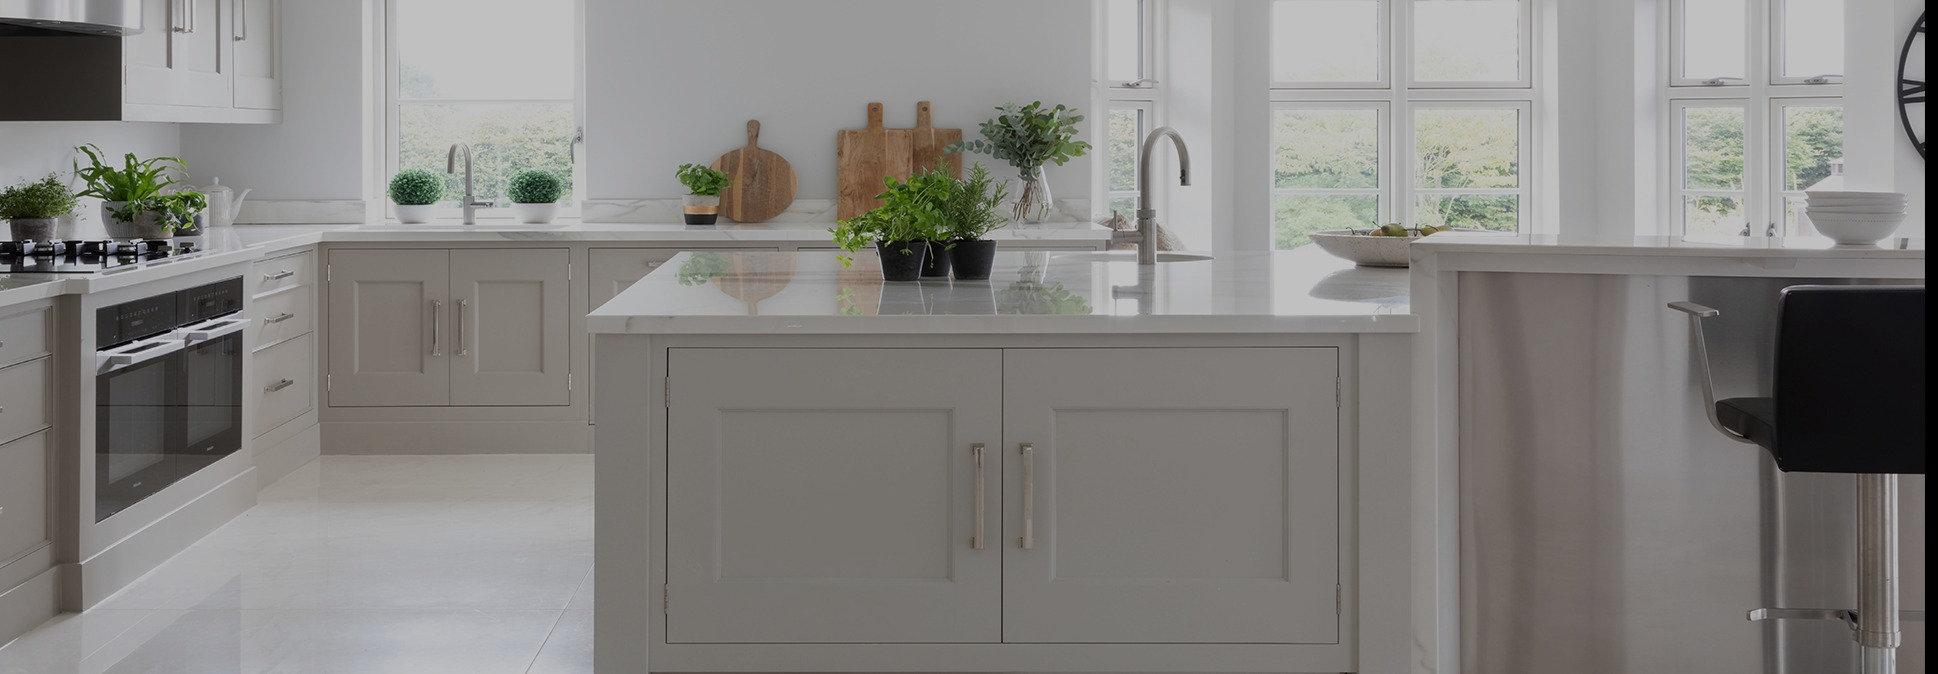 sab-landscape-kitchen_edited.jpg